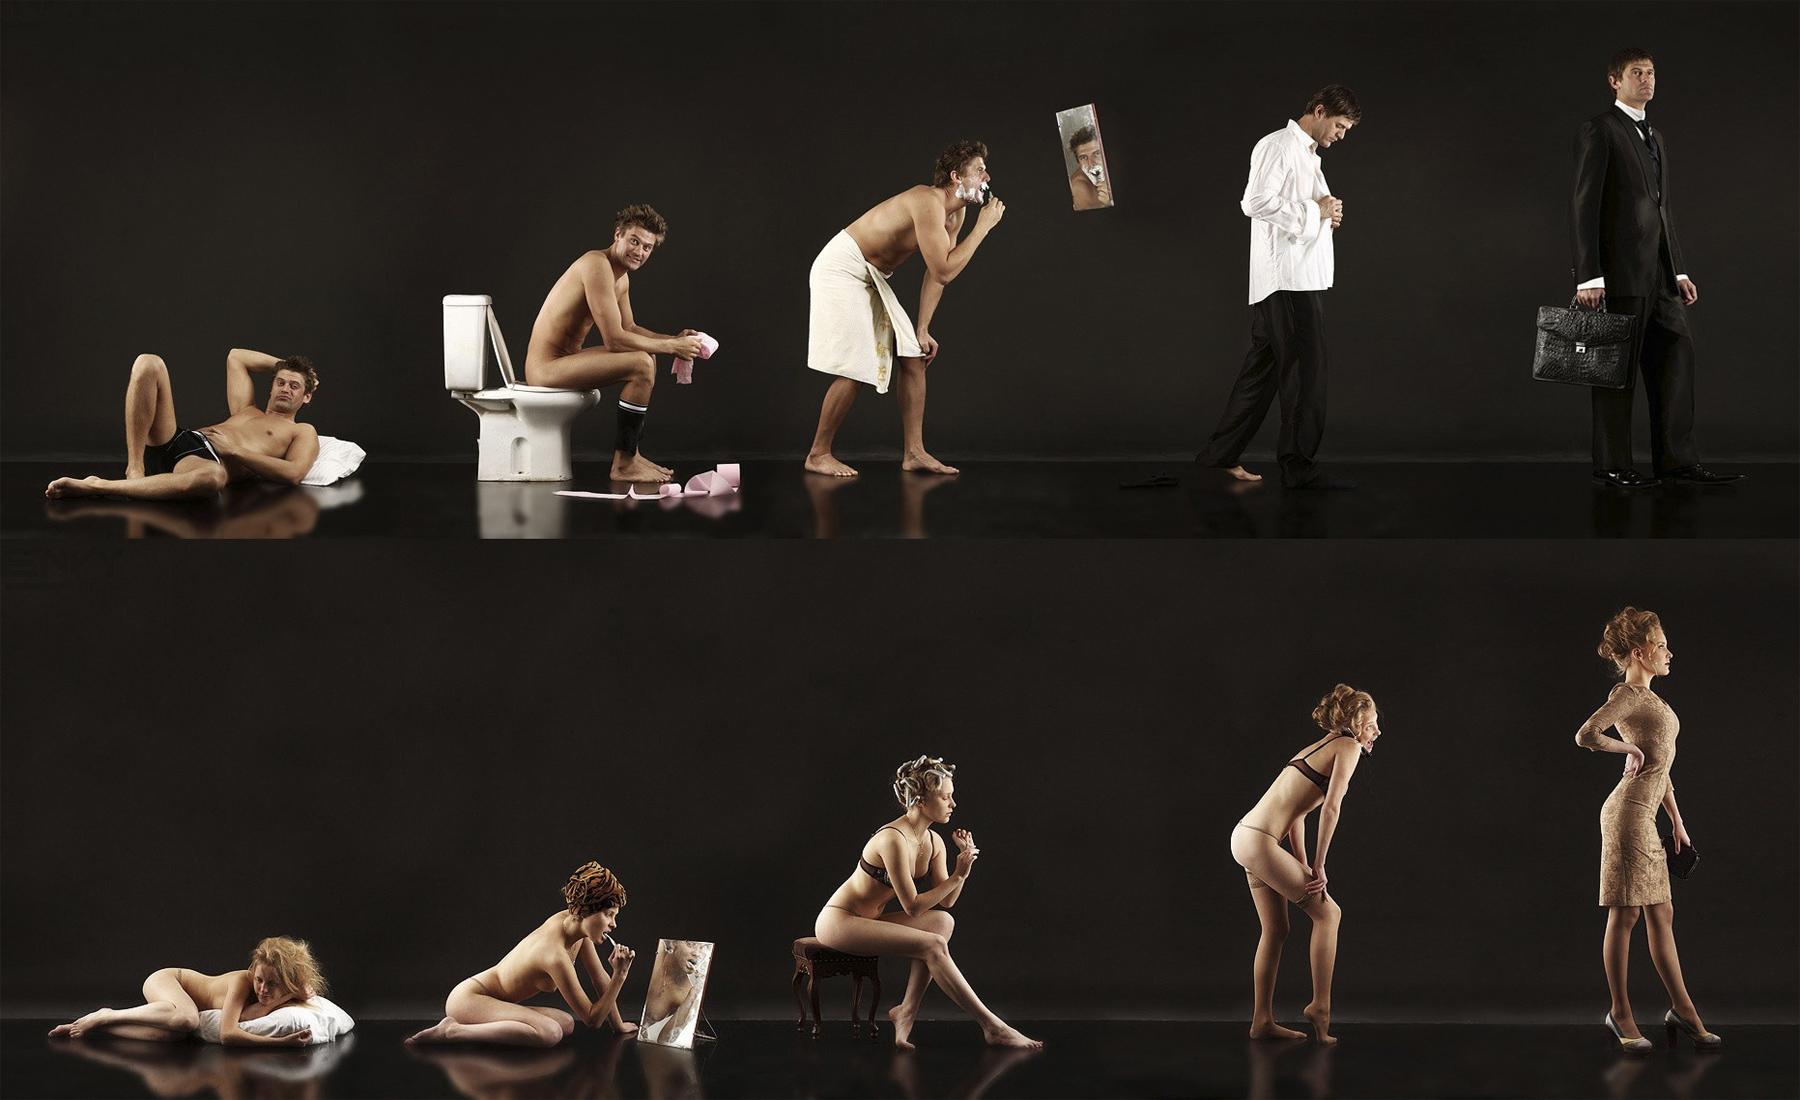 мужчины и женщины фото